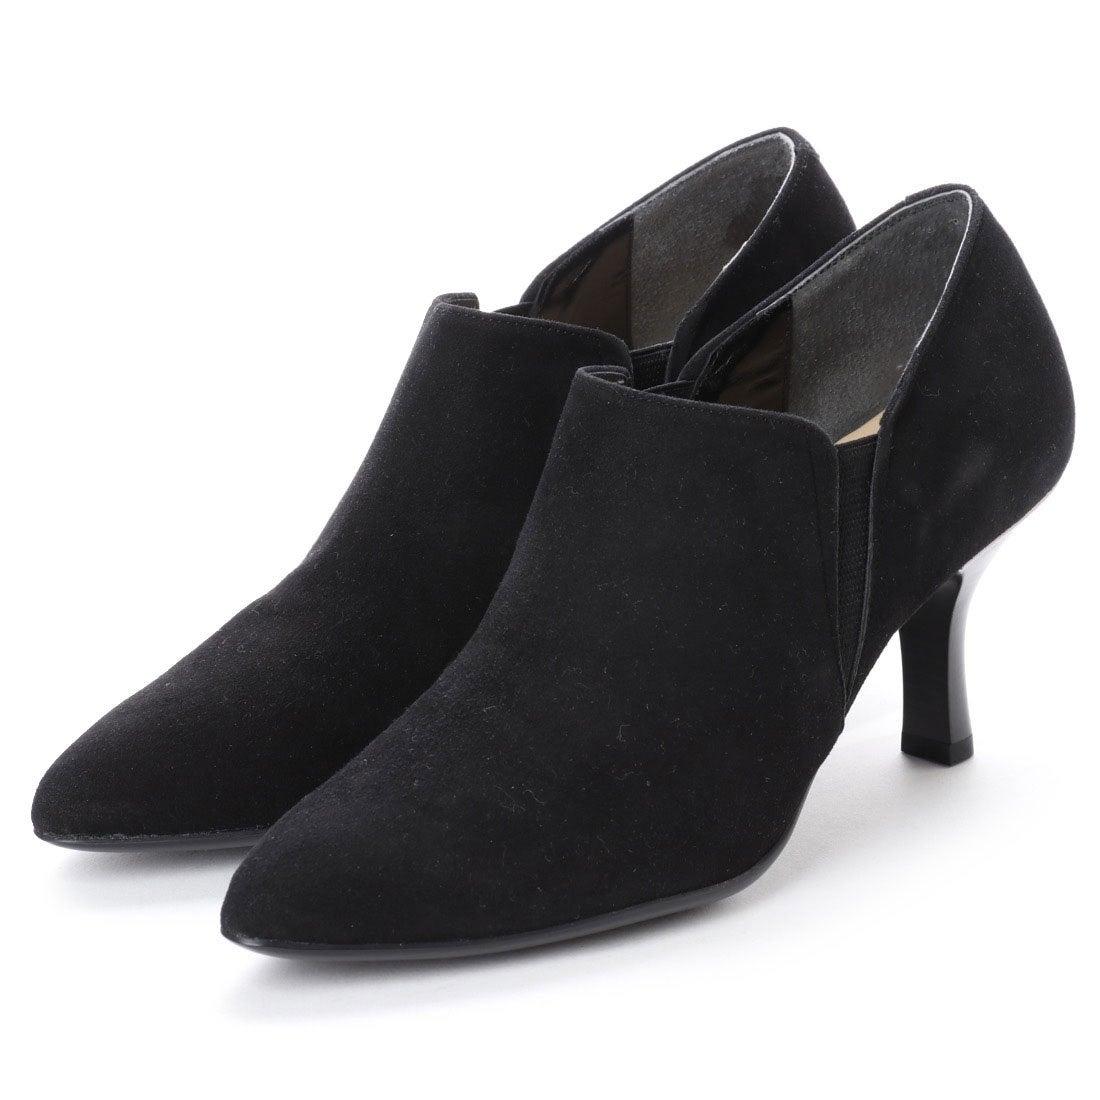 ロコンド 靴とファッションの通販サイトスタイルラボ STYLE lab エレガントサイドゴアブーティ(ブラックスエード)